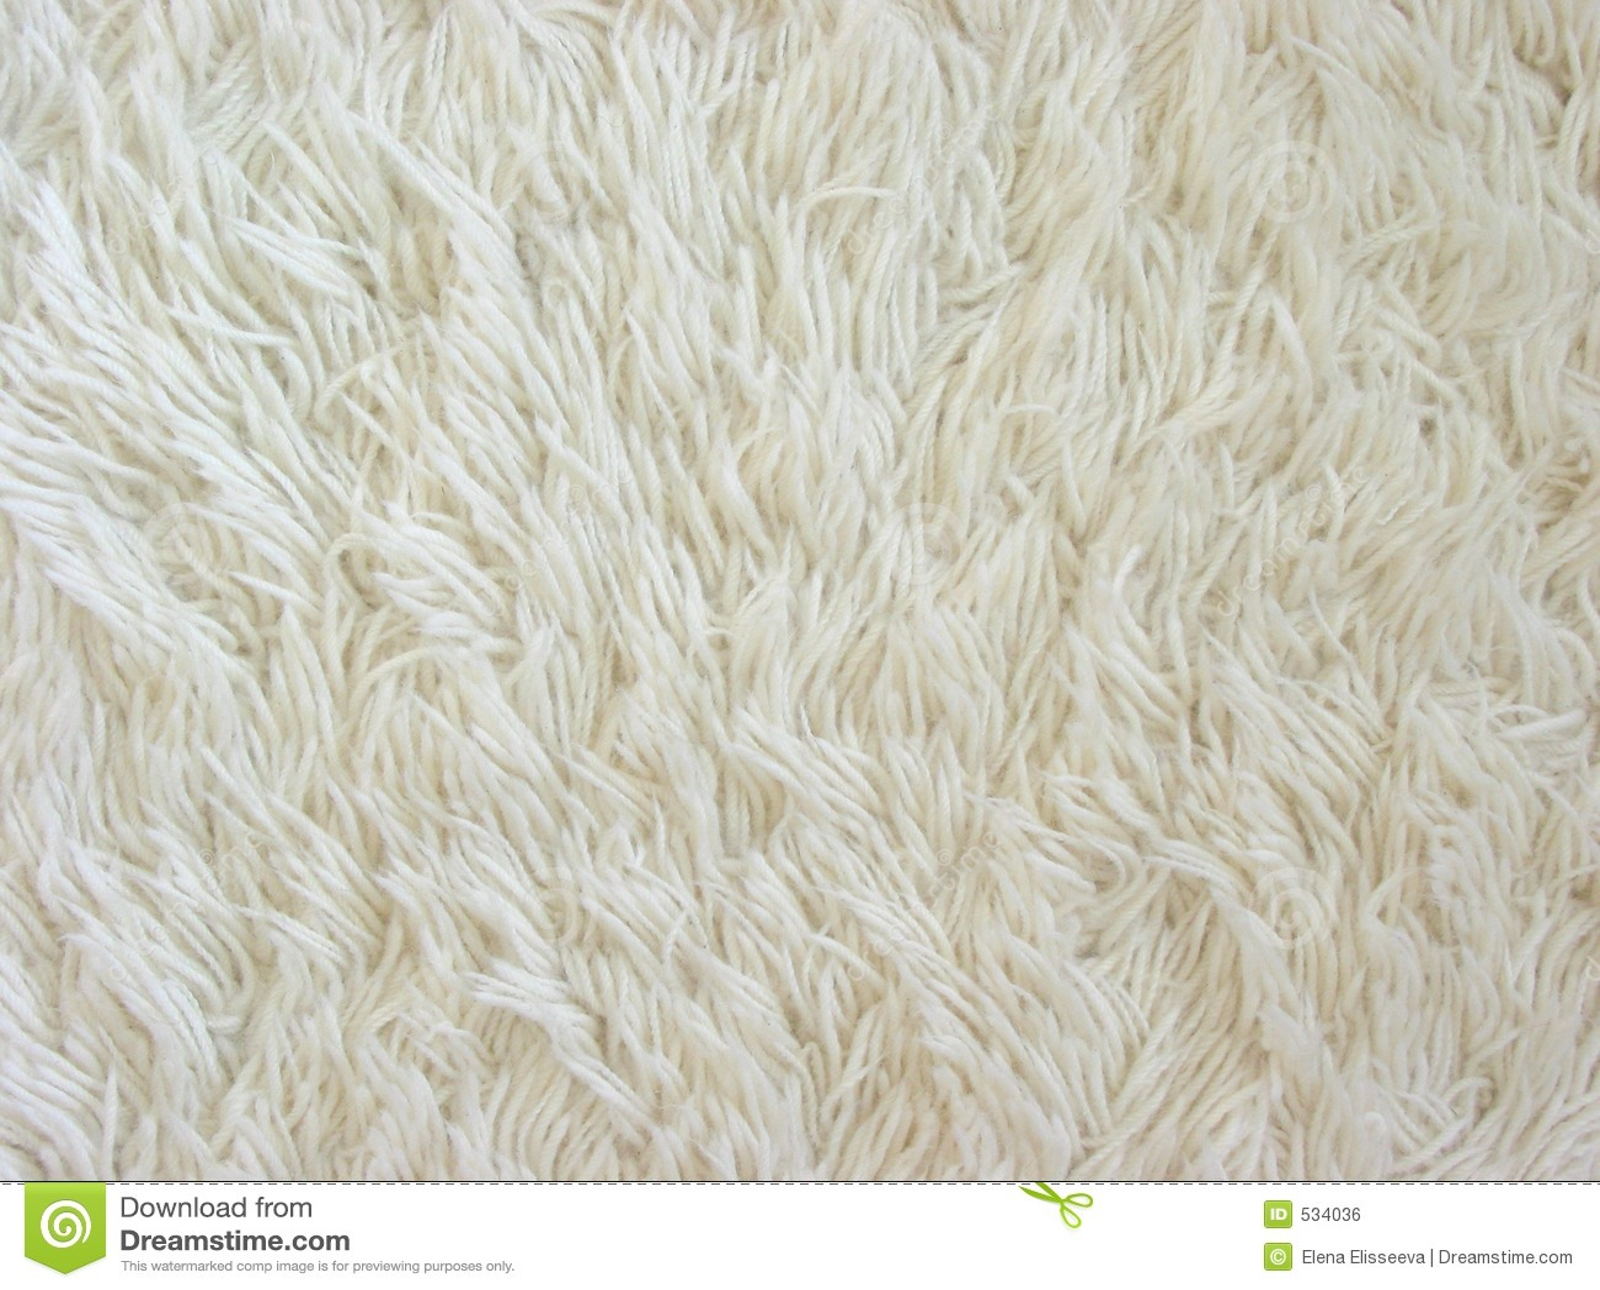 Textura Blanca De La Alfombra Imagen de archivo libre de ...